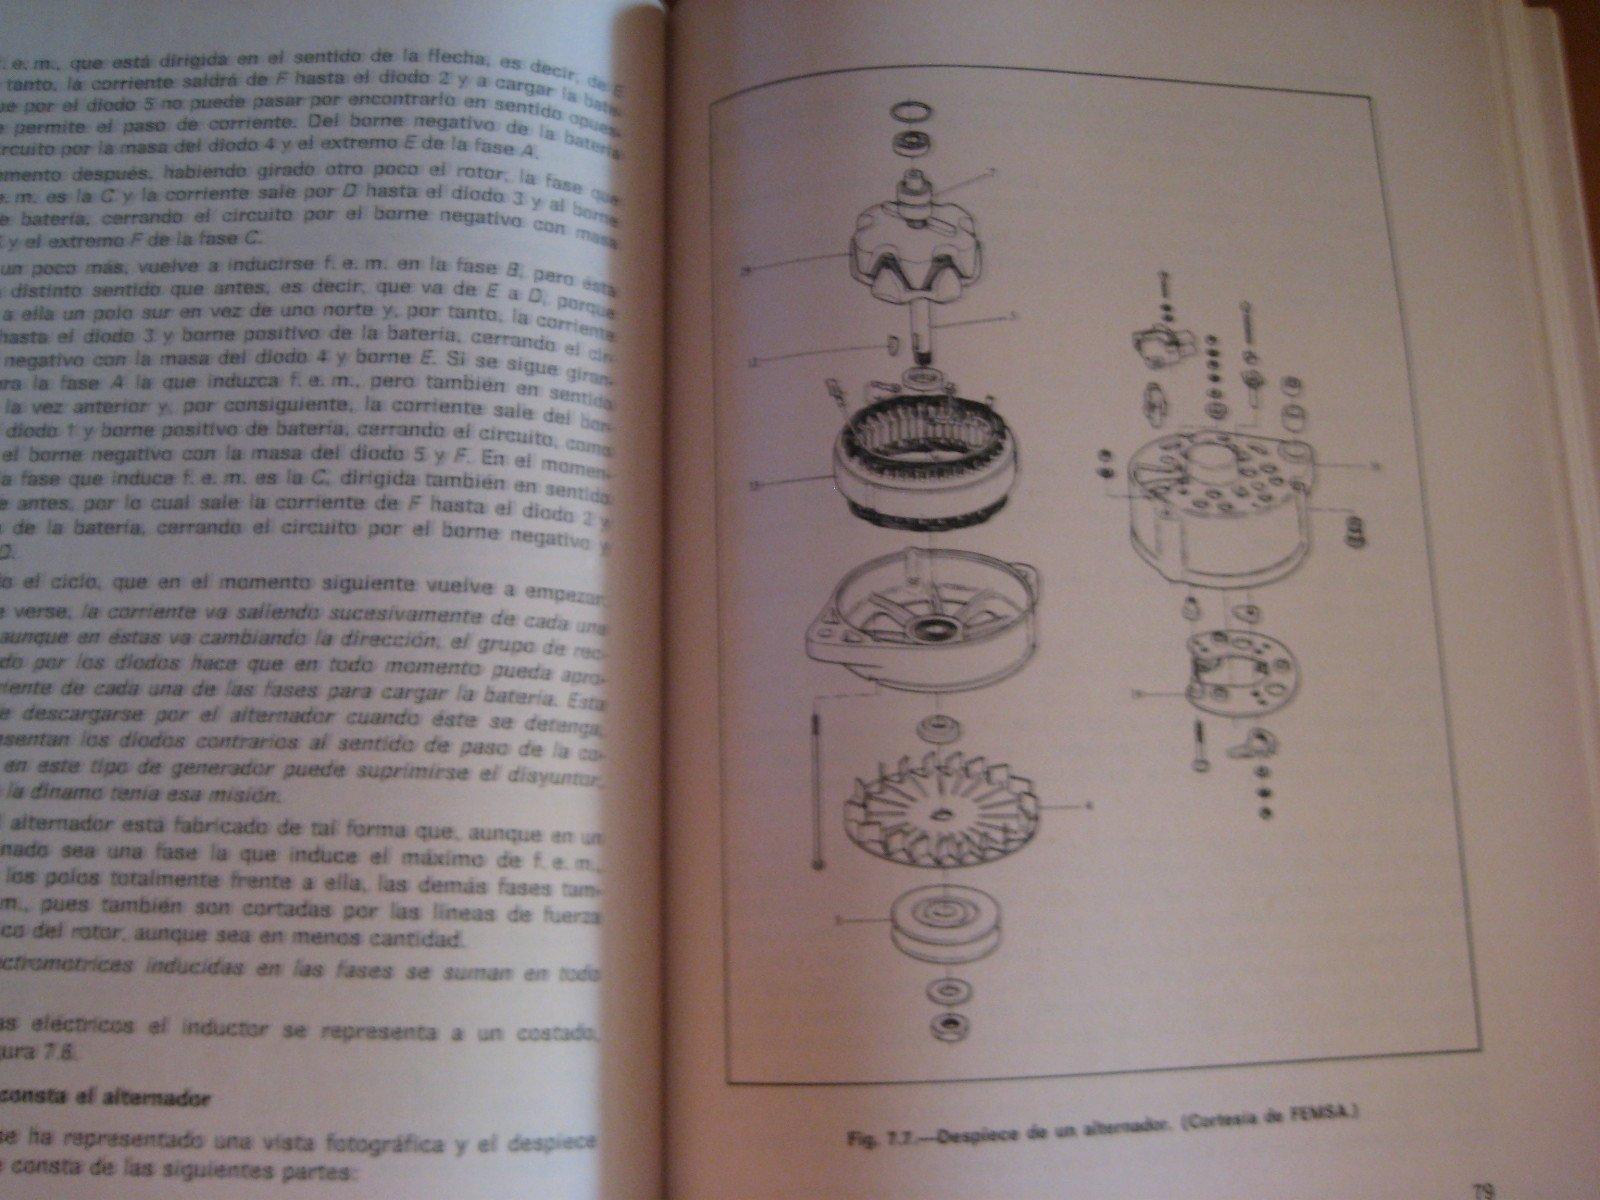 TECNOLOGIA DE AUTOMOCION.ELECTRICIDAD DEL AUTOMOVIL: Amazon.es: M. ALONSO PÉREZ, Paraninfo: Libros